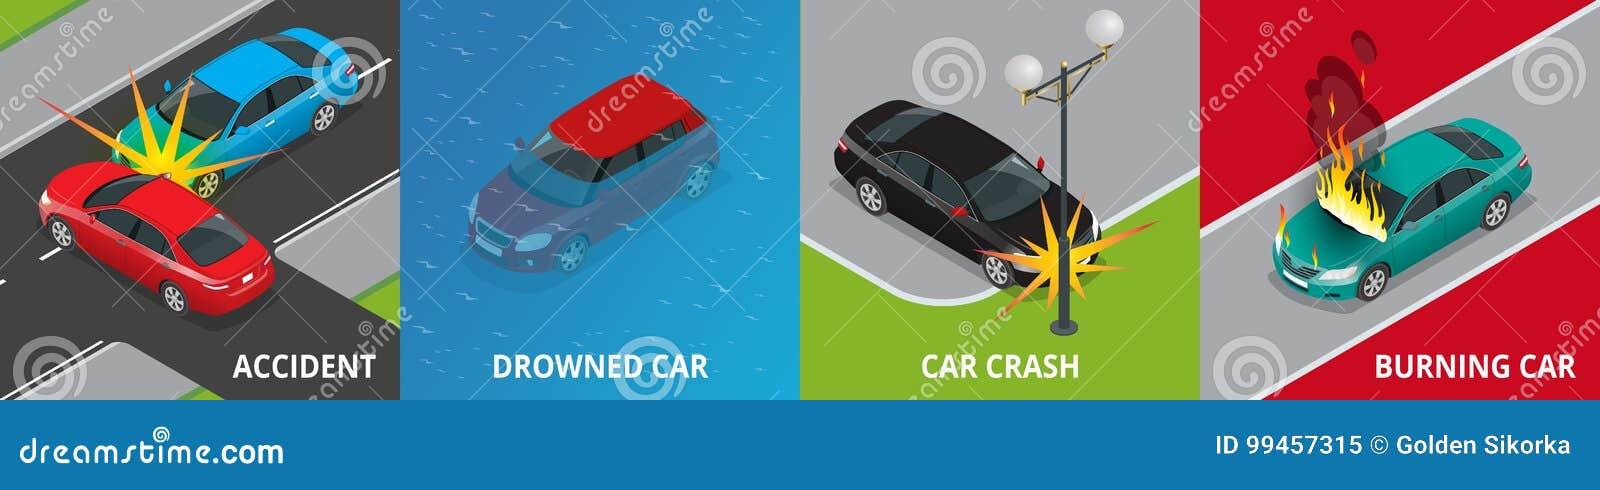 等量公路事故,被淹没的汽车,车祸,灼烧的汽车概念